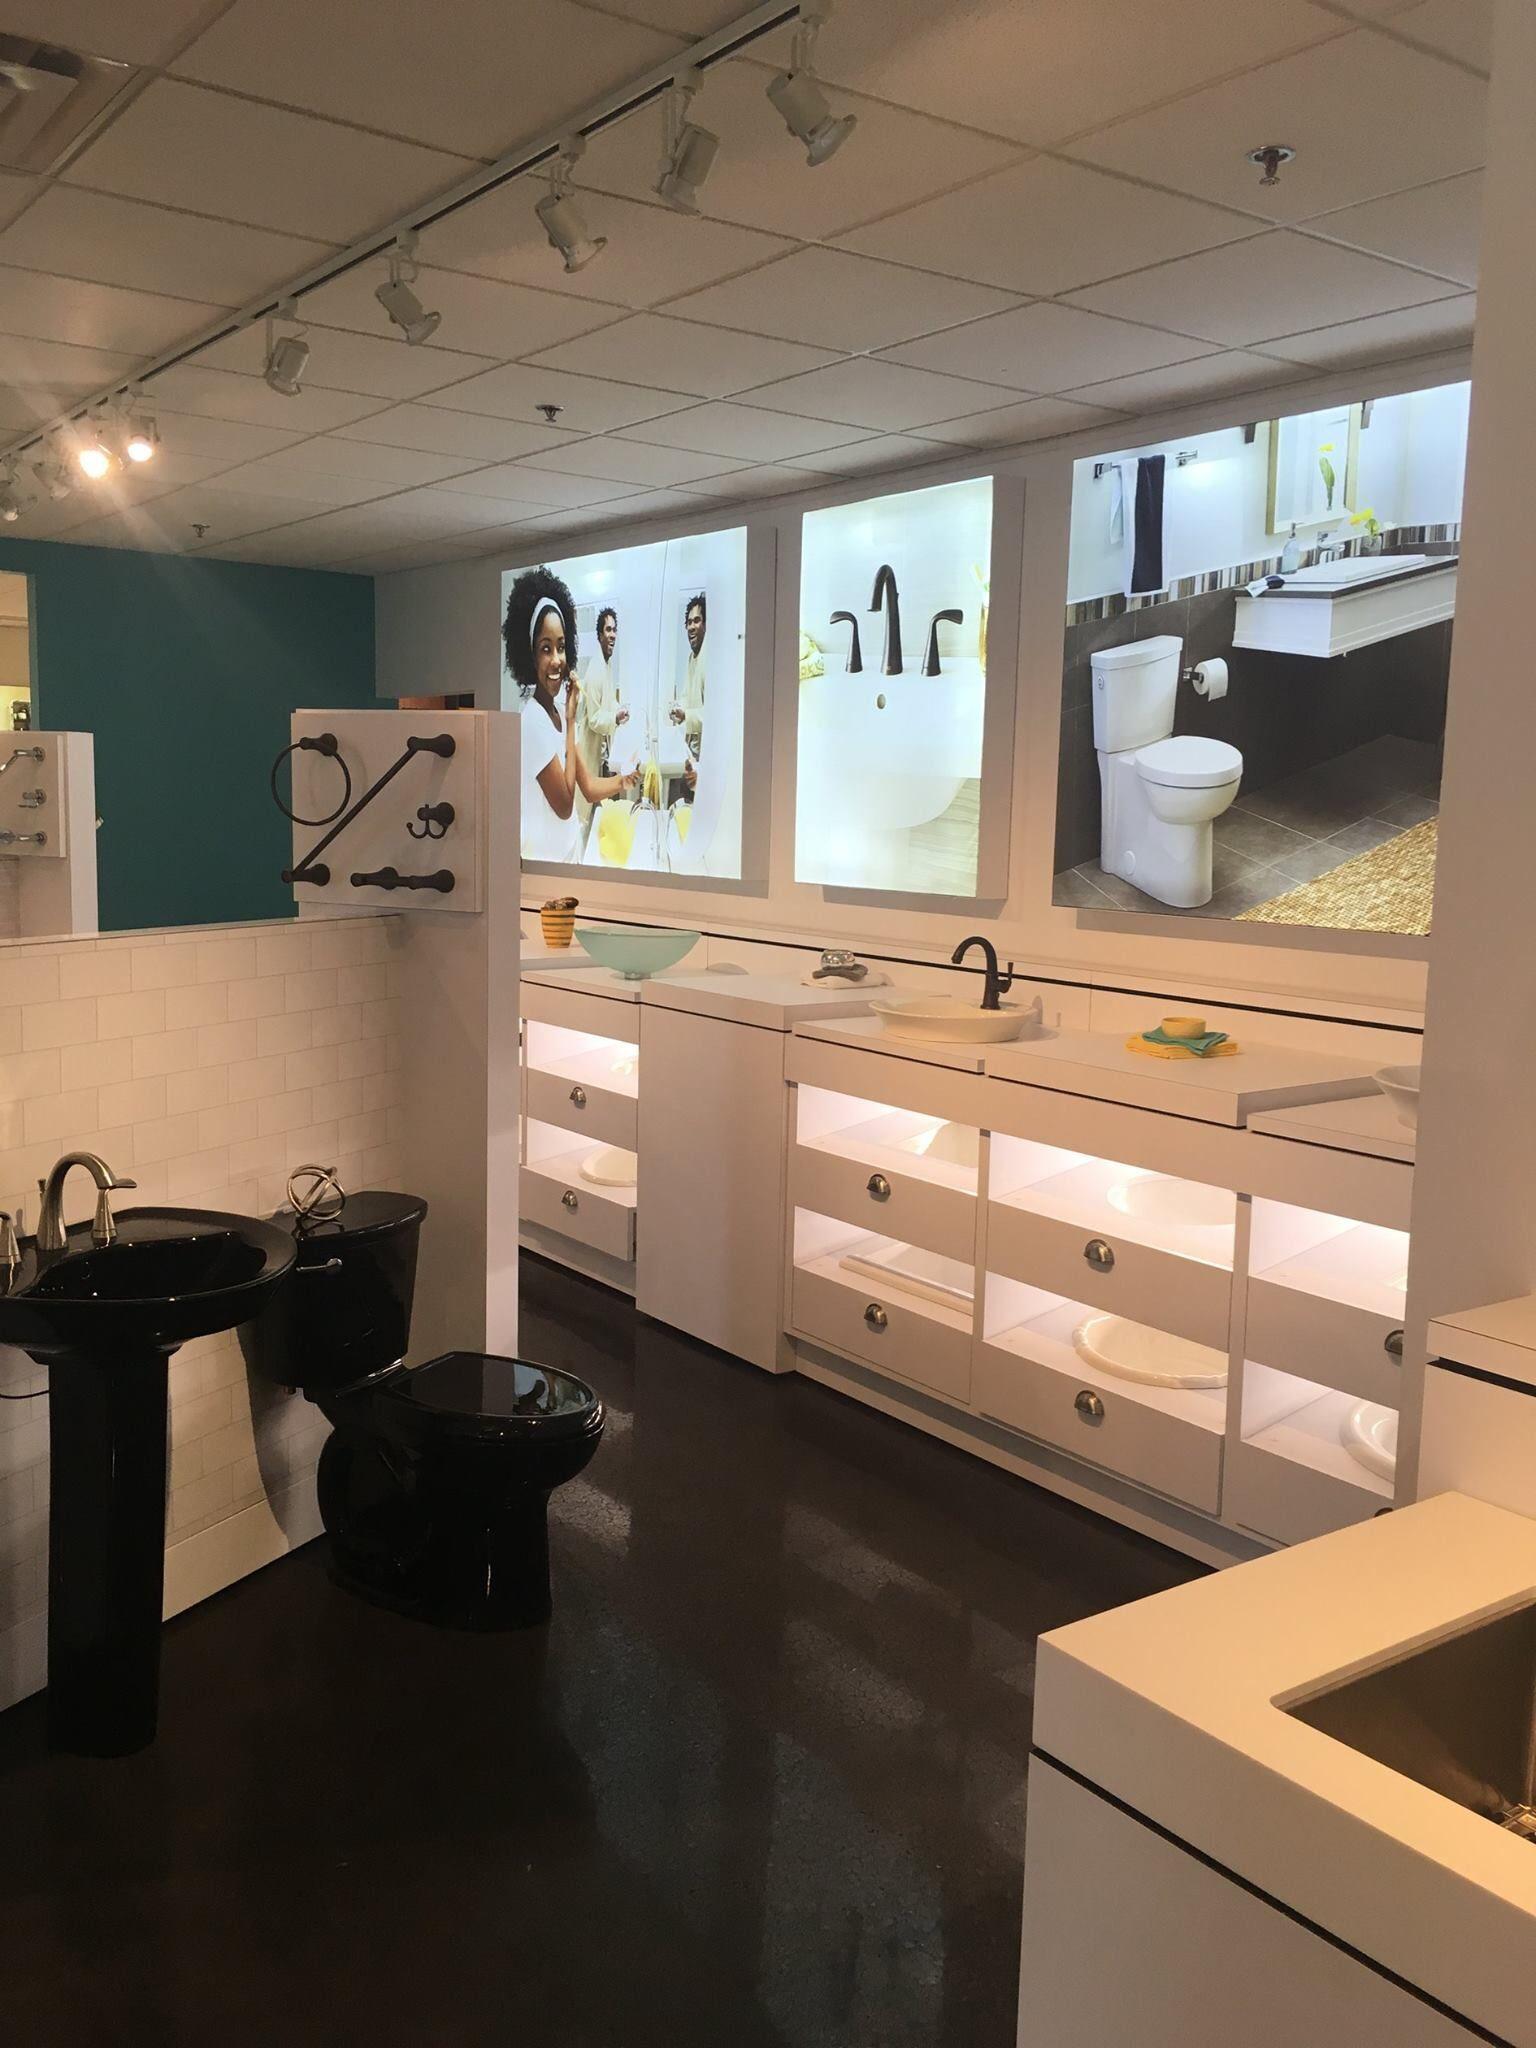 American Standard Showroom NYC | American Standard in the Bathroom ...